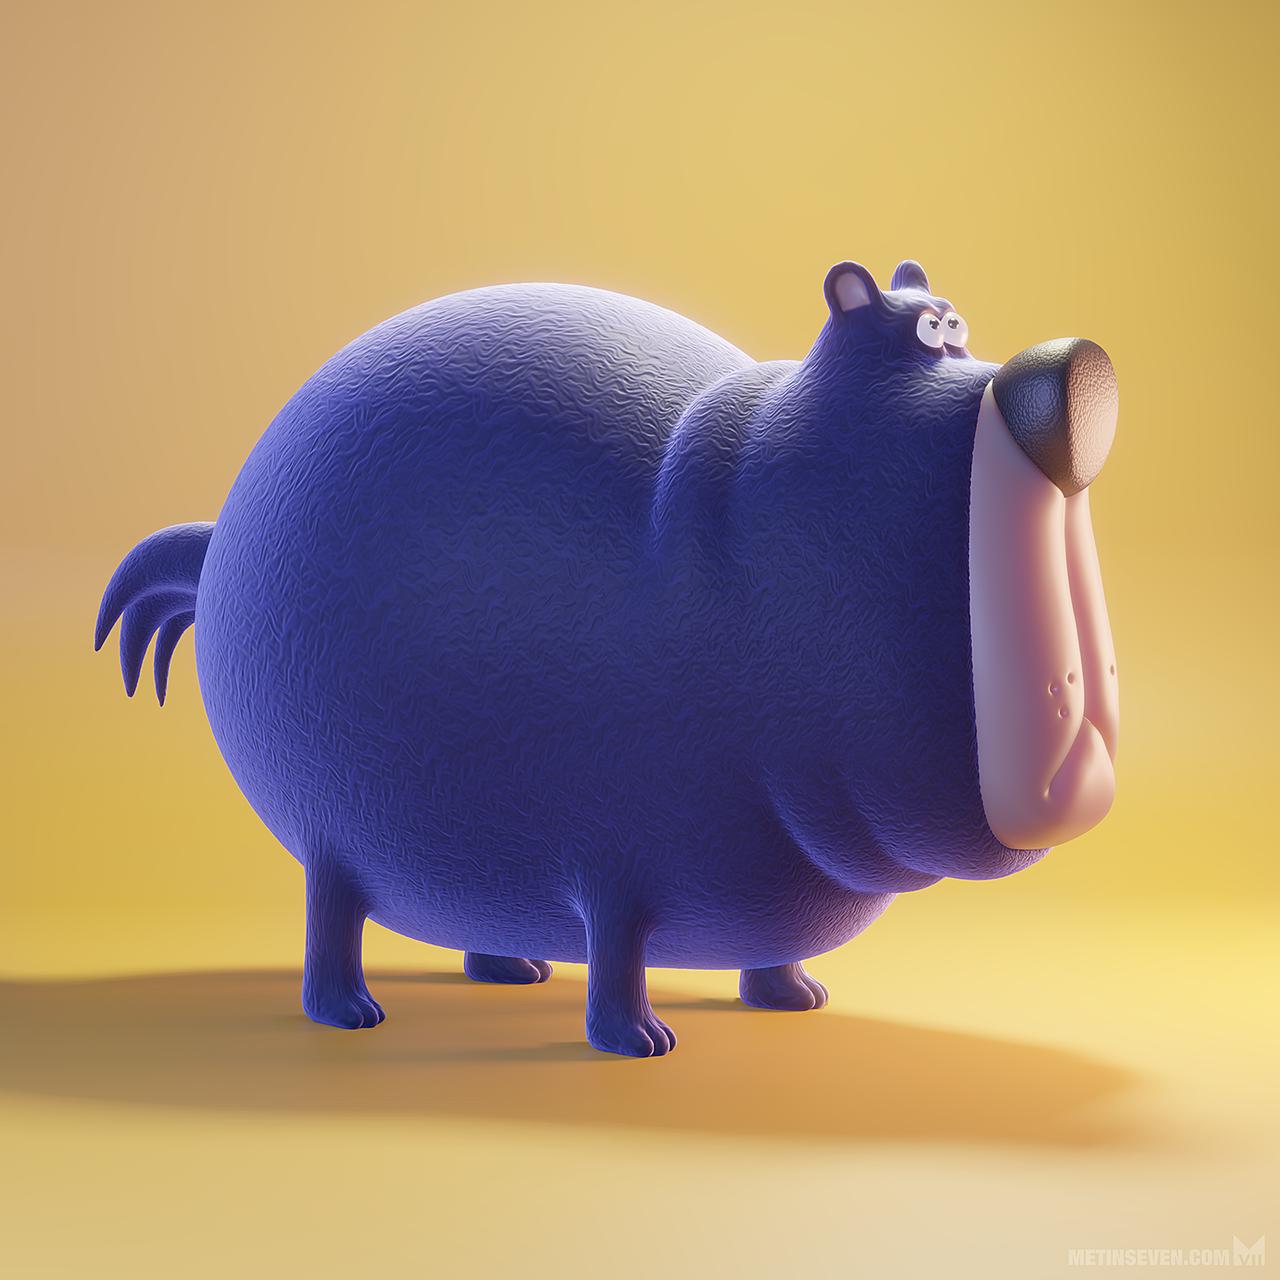 Cartoon-style 3D bear character